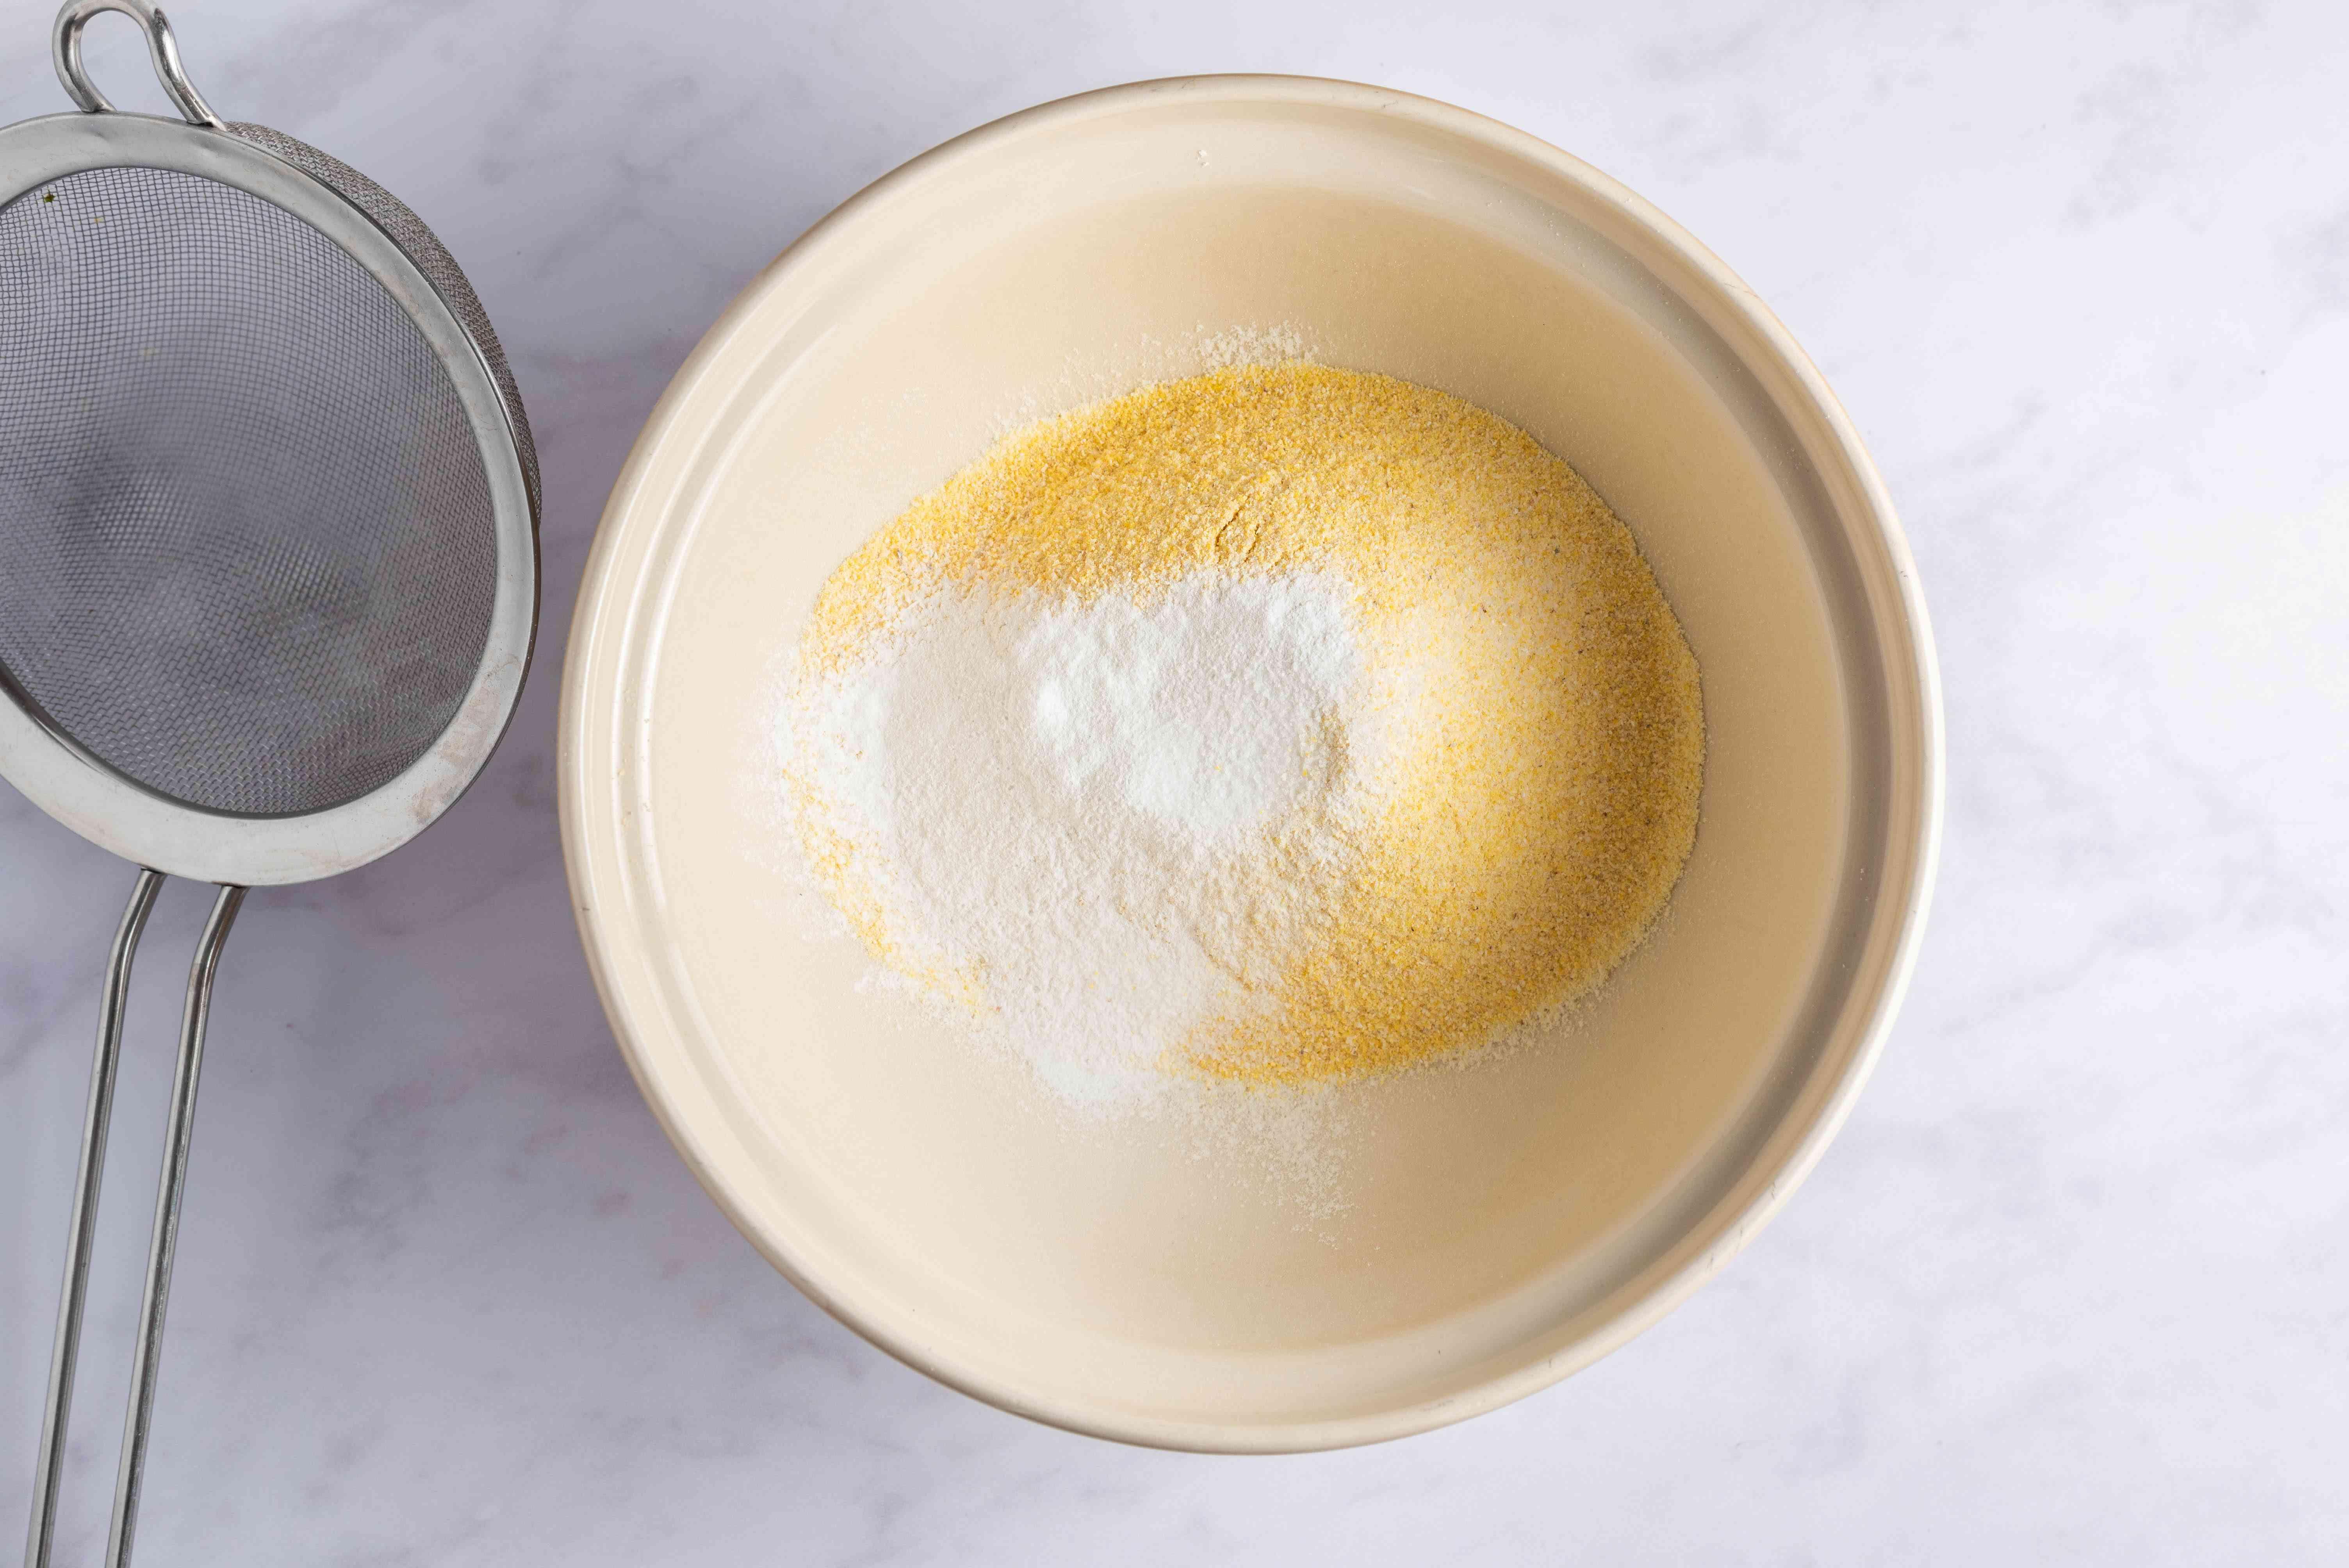 Sift flour